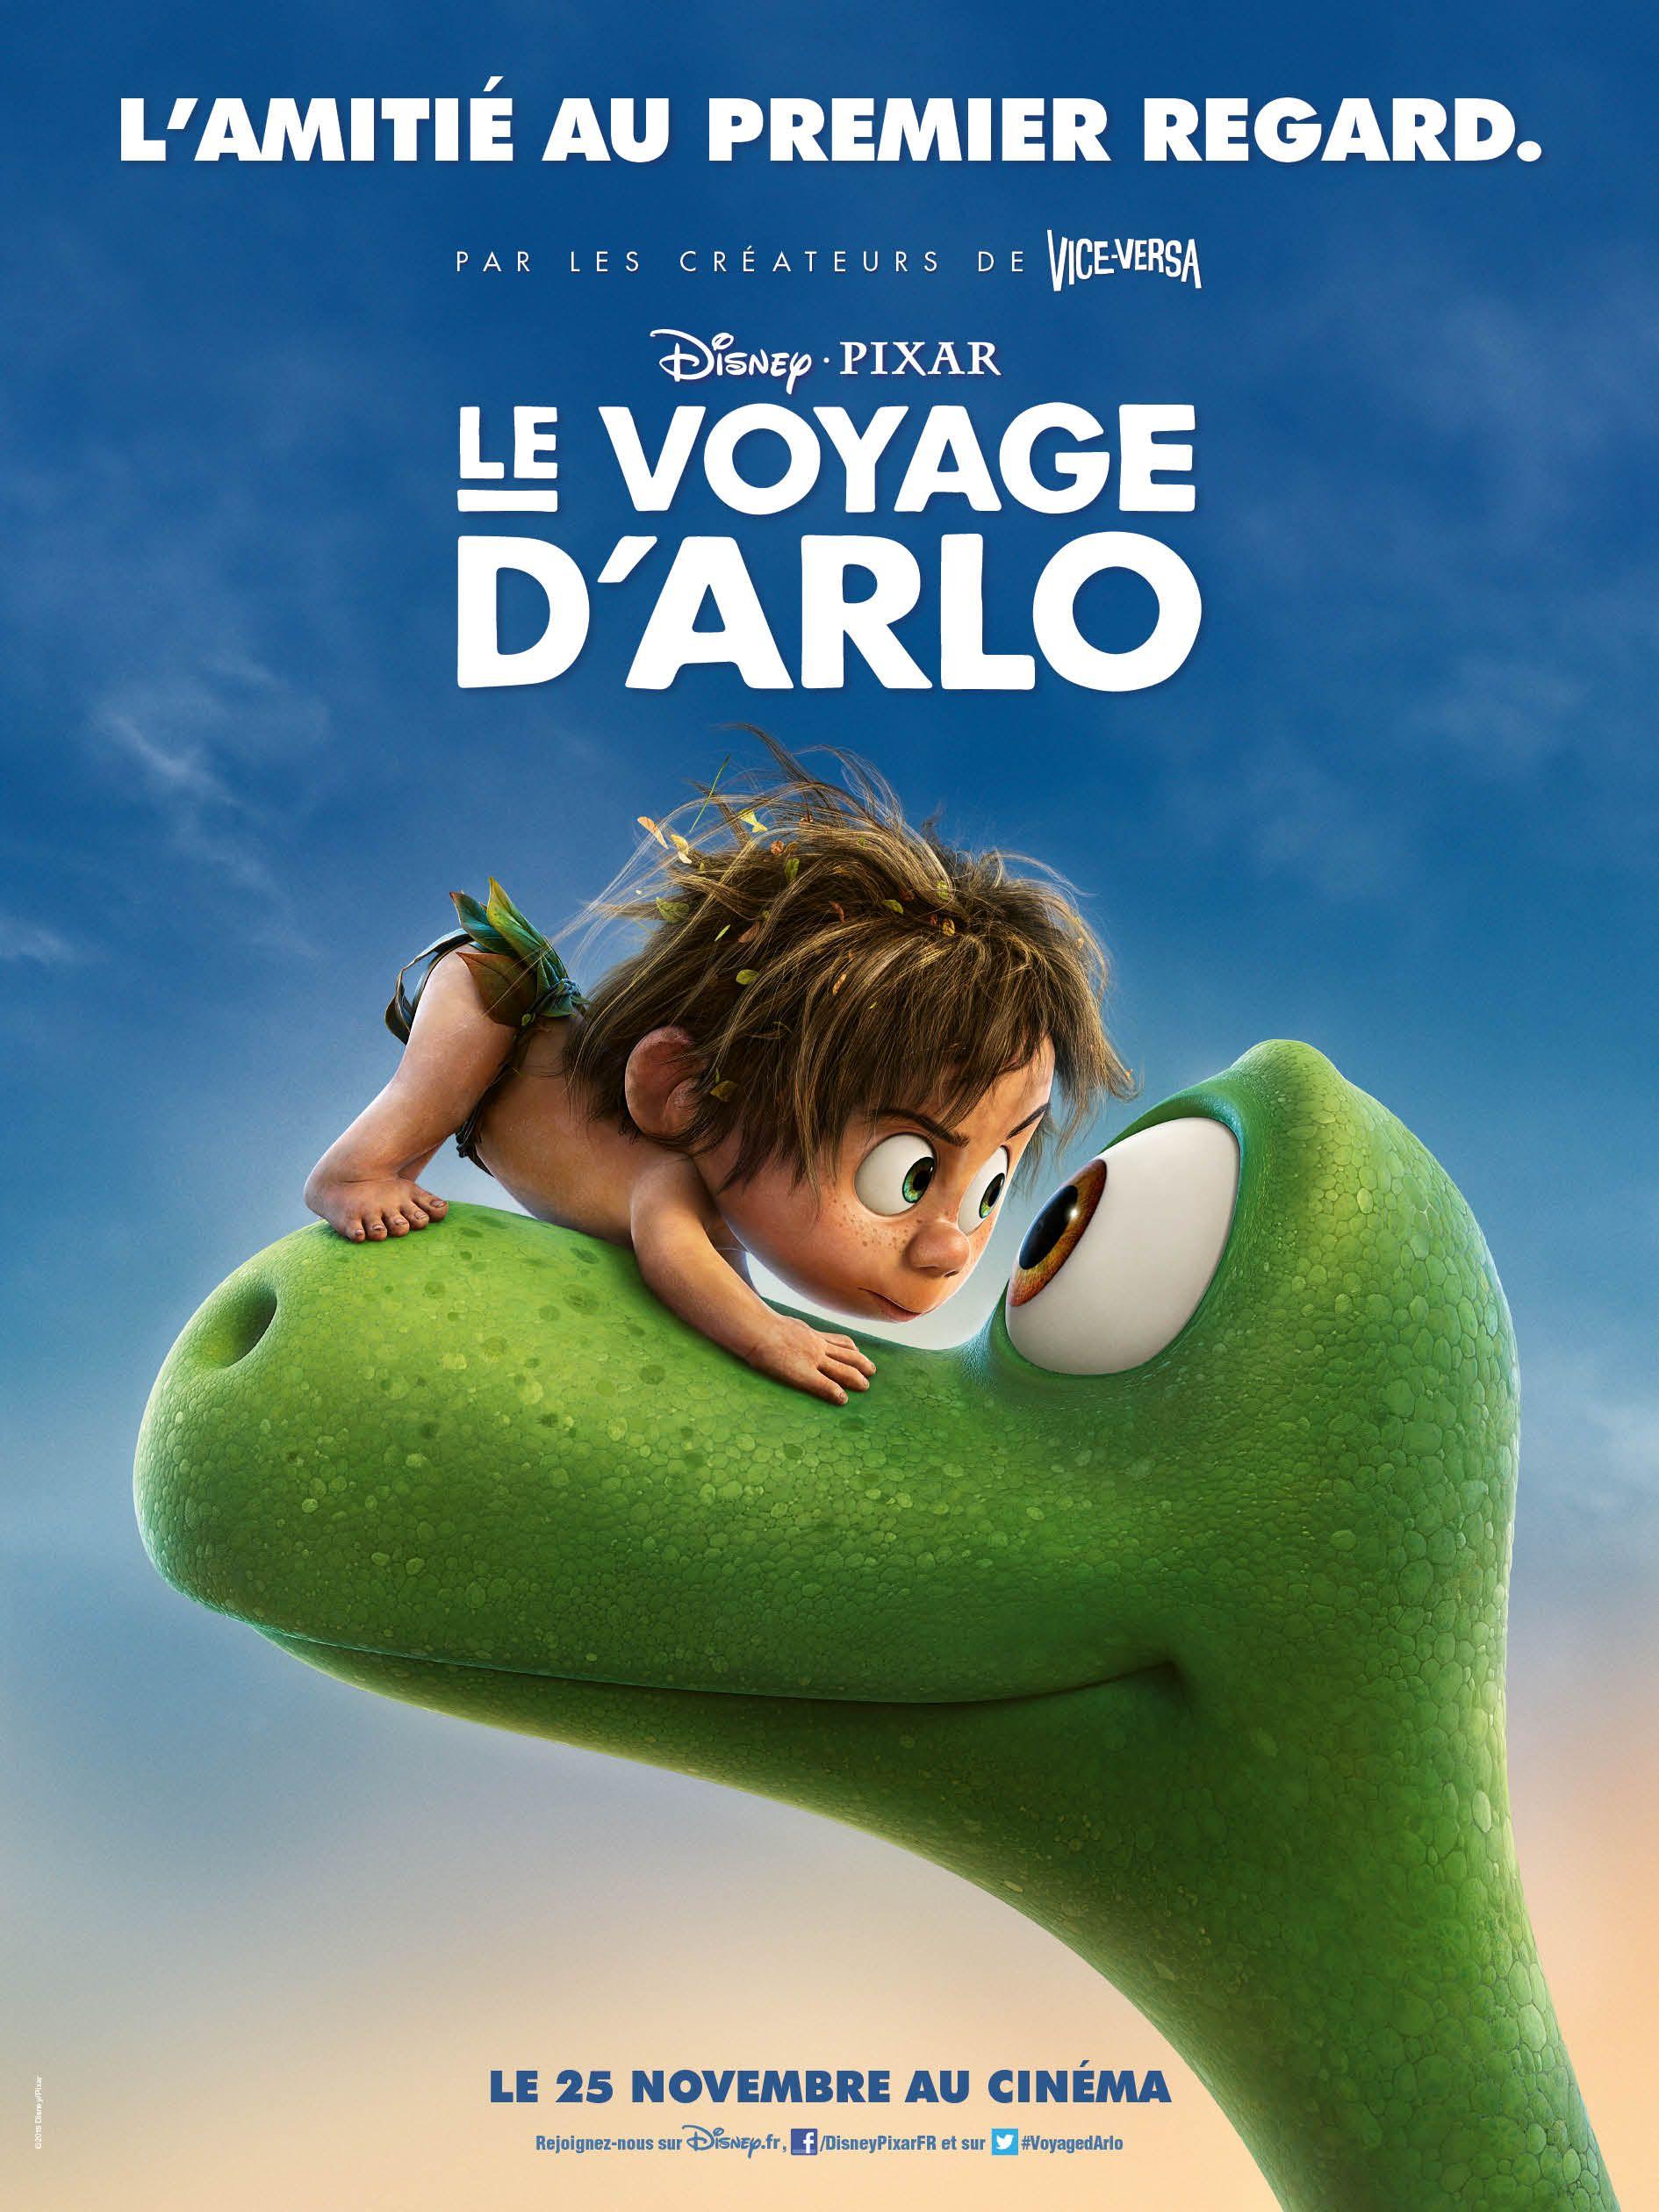 Le Voyage D Arlo Une Affiche De Jour Et De Nuit Le Voyage D Arlo Pixar Disney